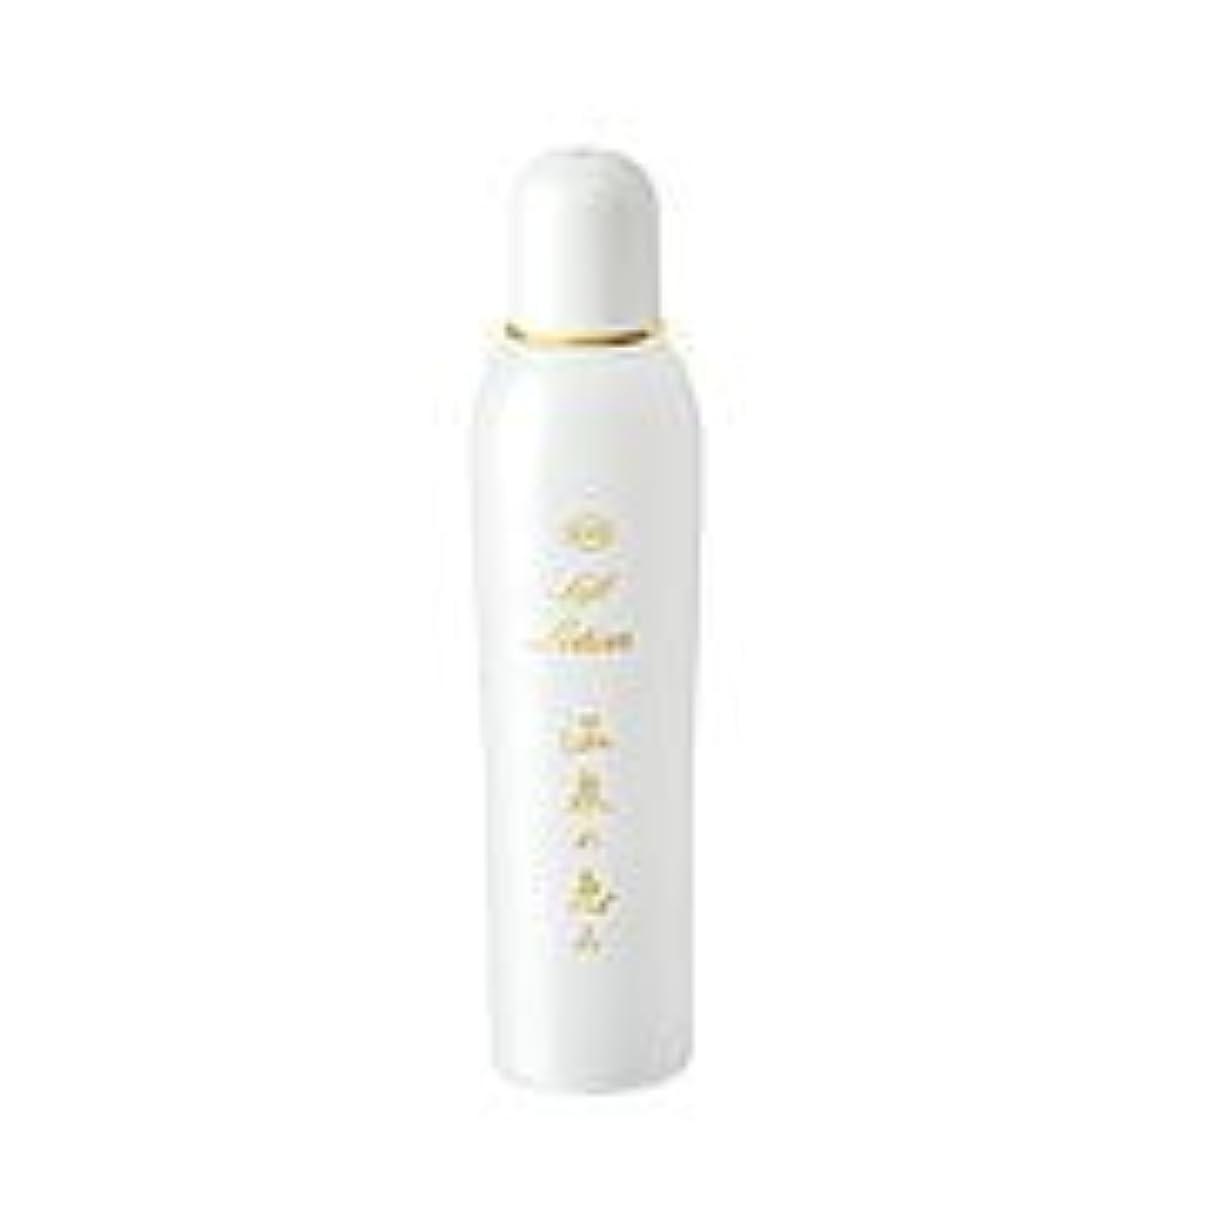 俳優リズム呼吸イオン化粧品 ソフトローション 温泉の恵み 135ml